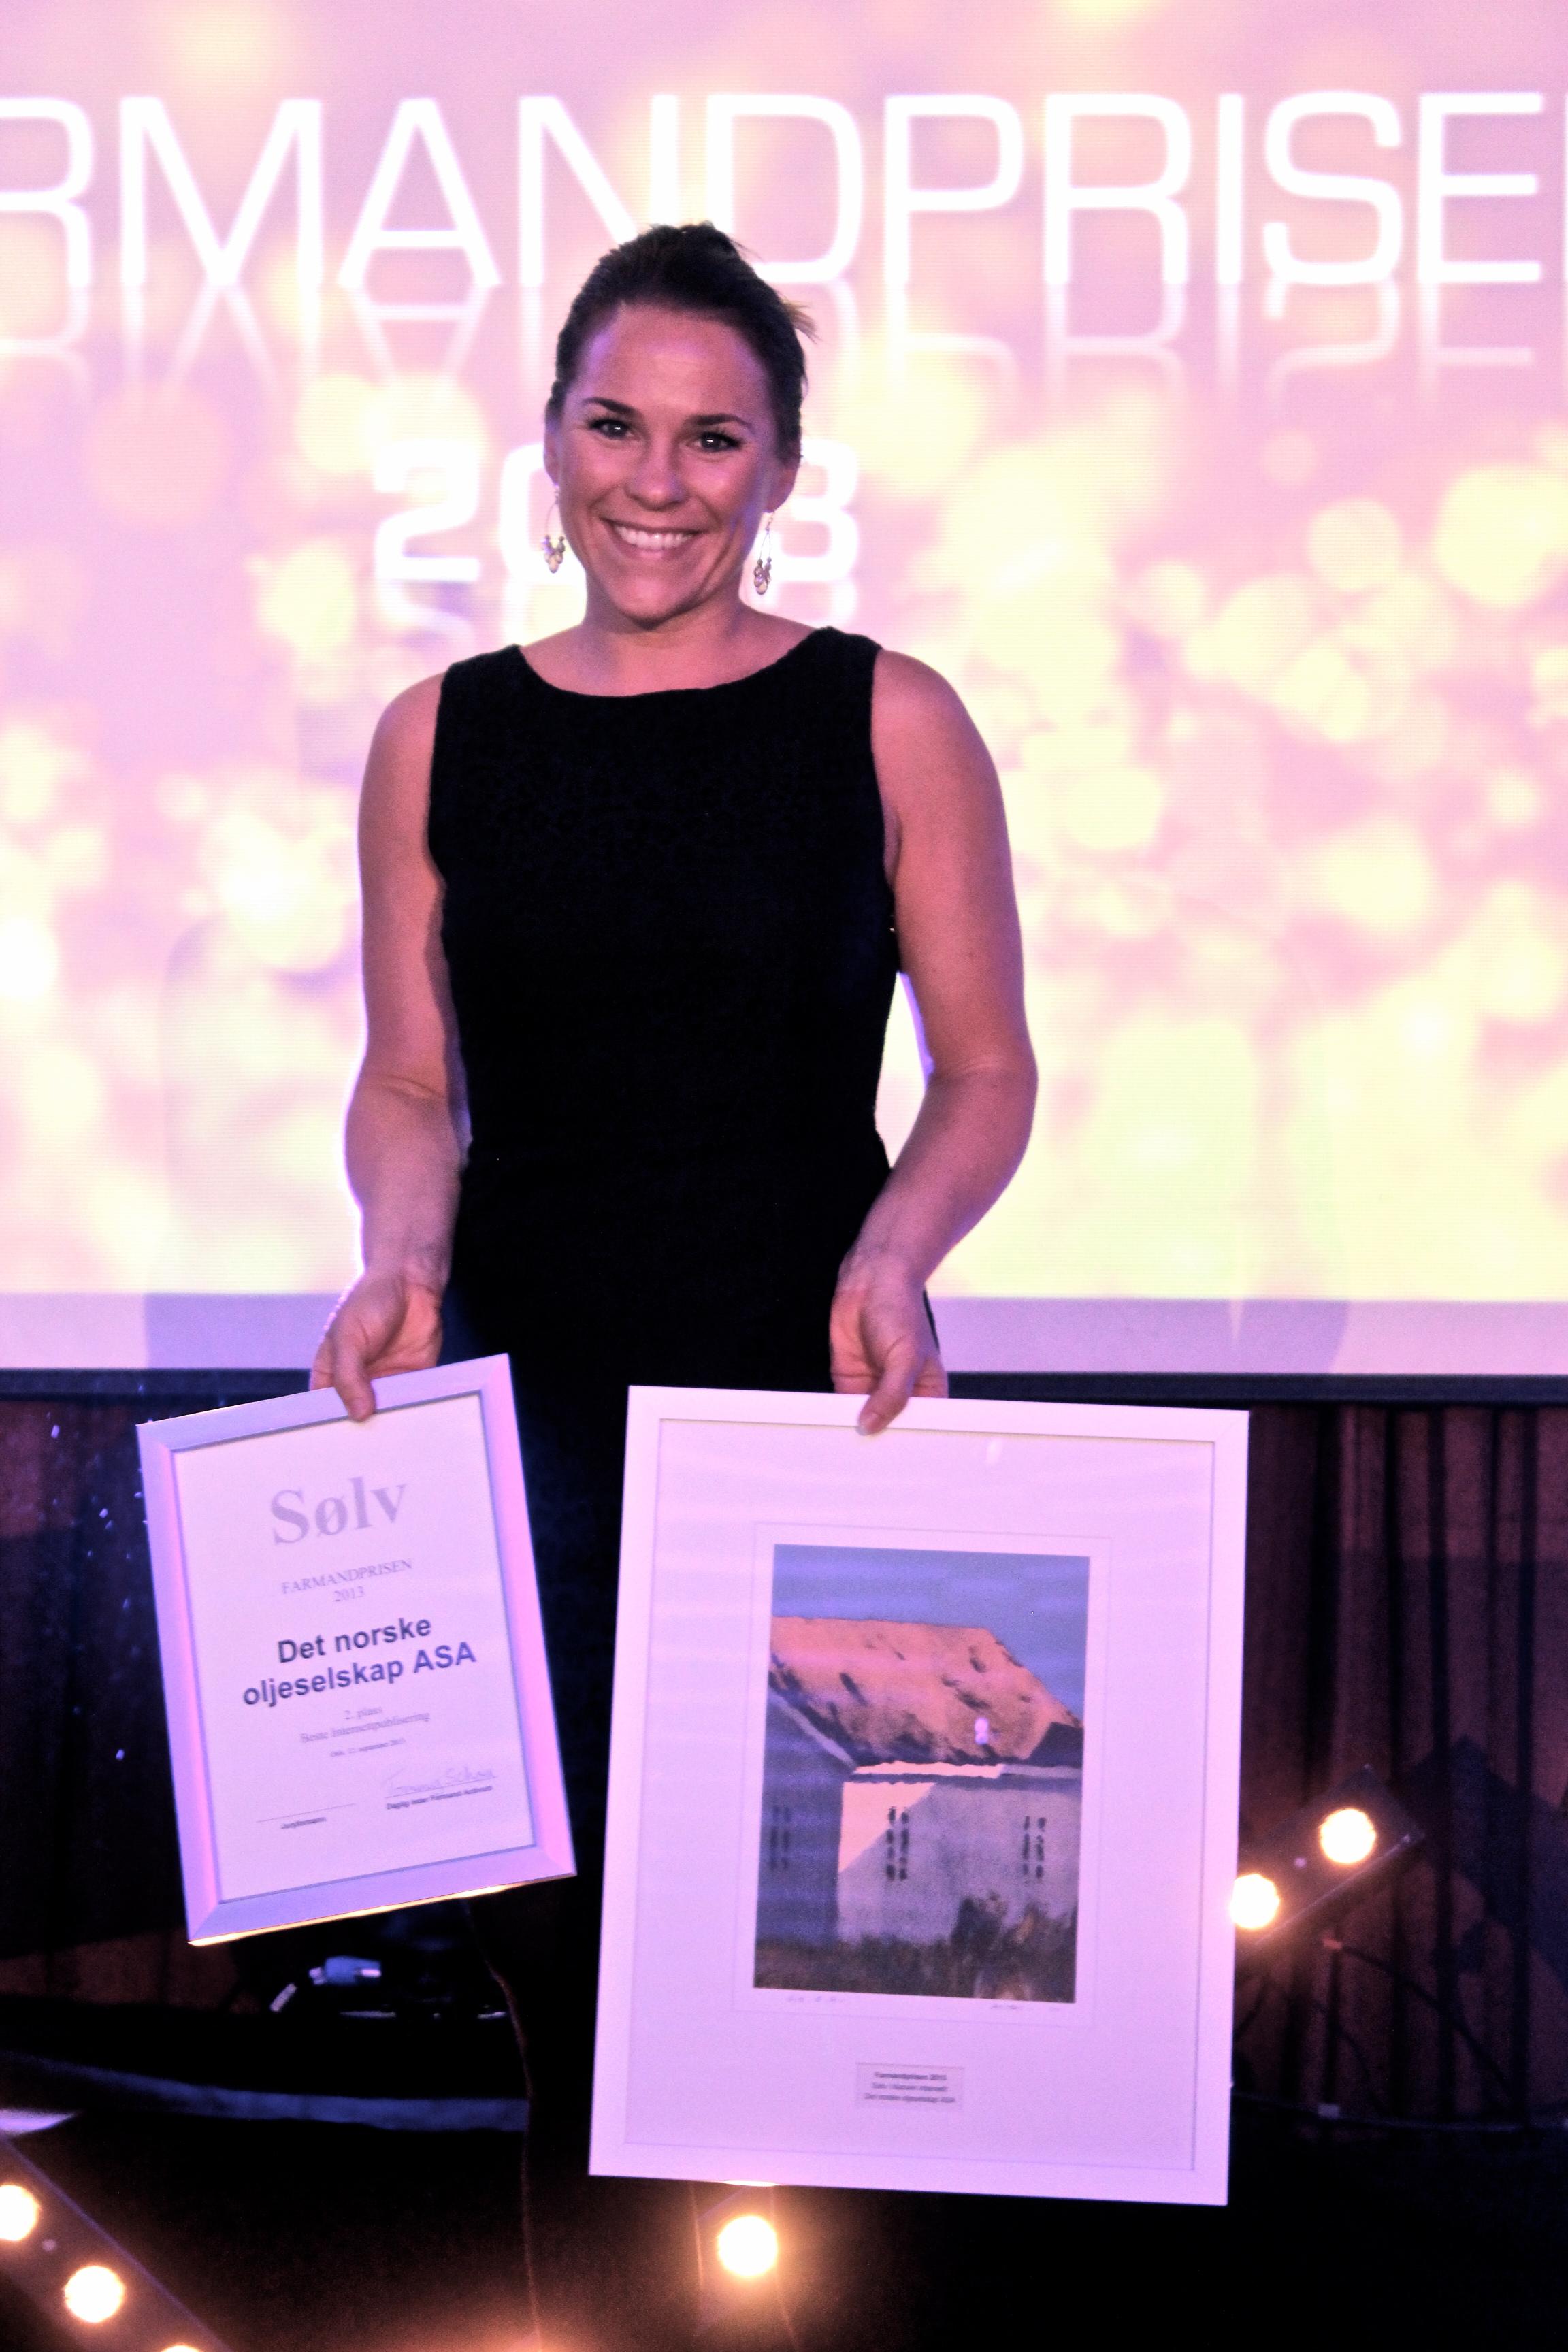 Farmandprisen Beste Årsrapport 2013 - Beste internettpublisering nr 2: Det norske oljeselskap